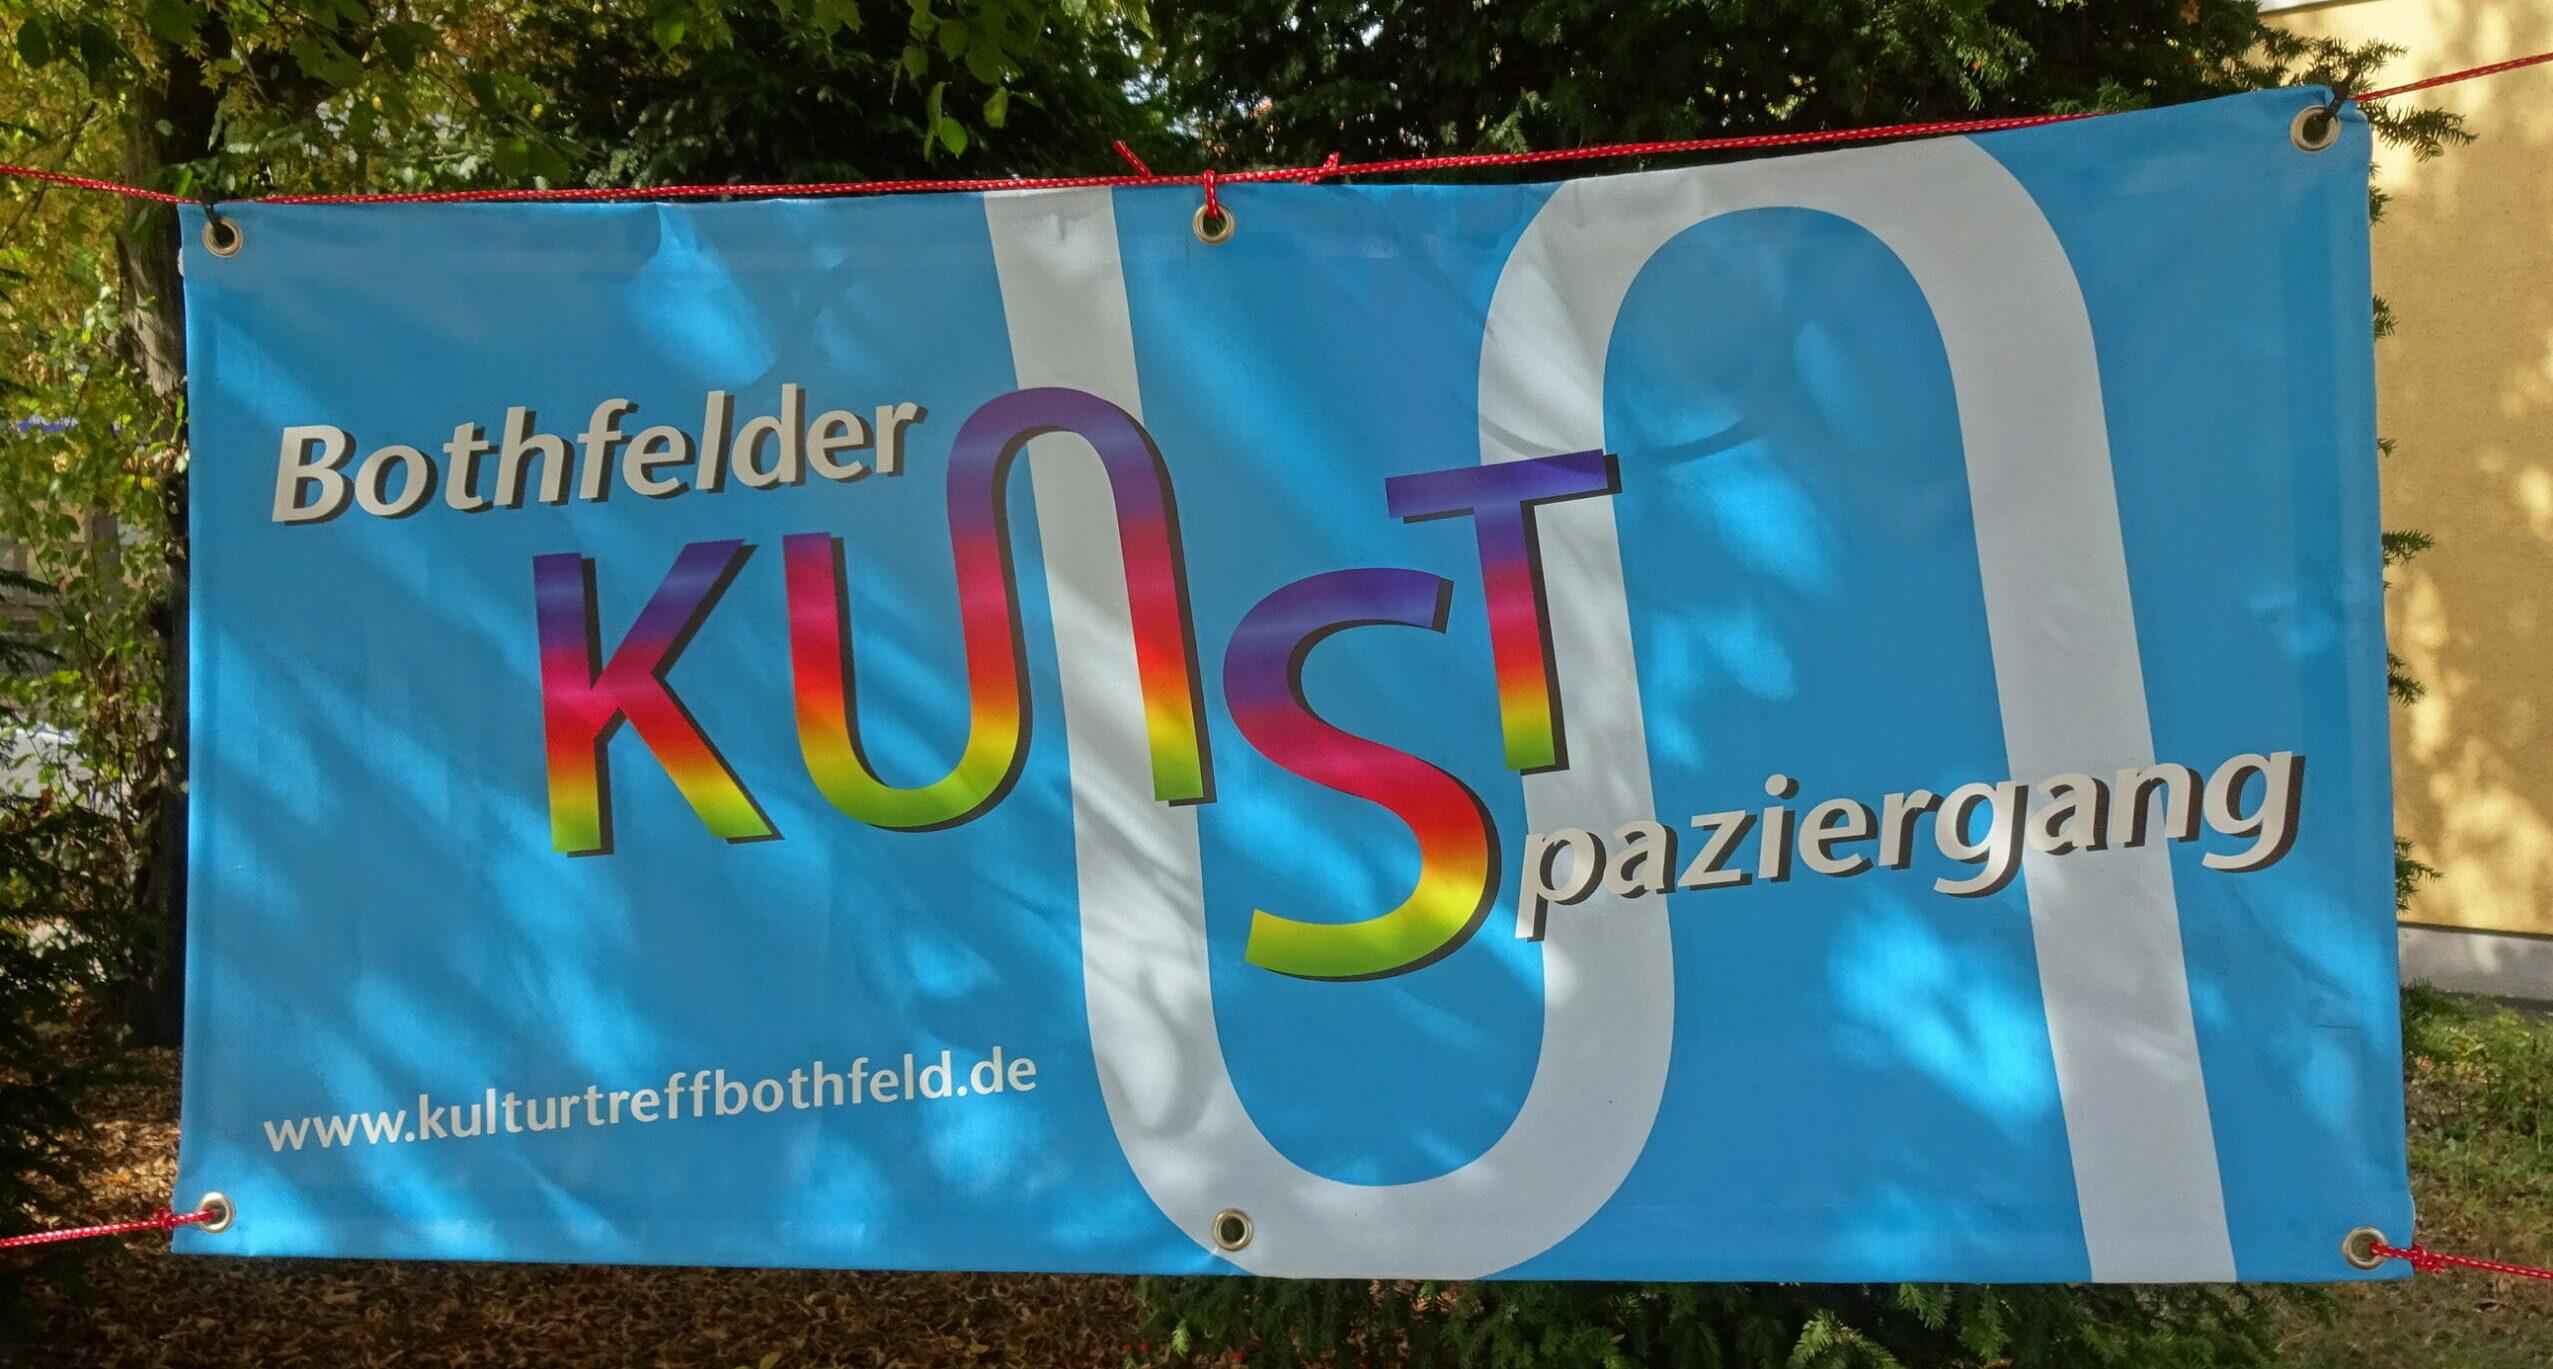 Überblicksausstellung: Künstler*innen des Bothfelder Kunstspaziergangs